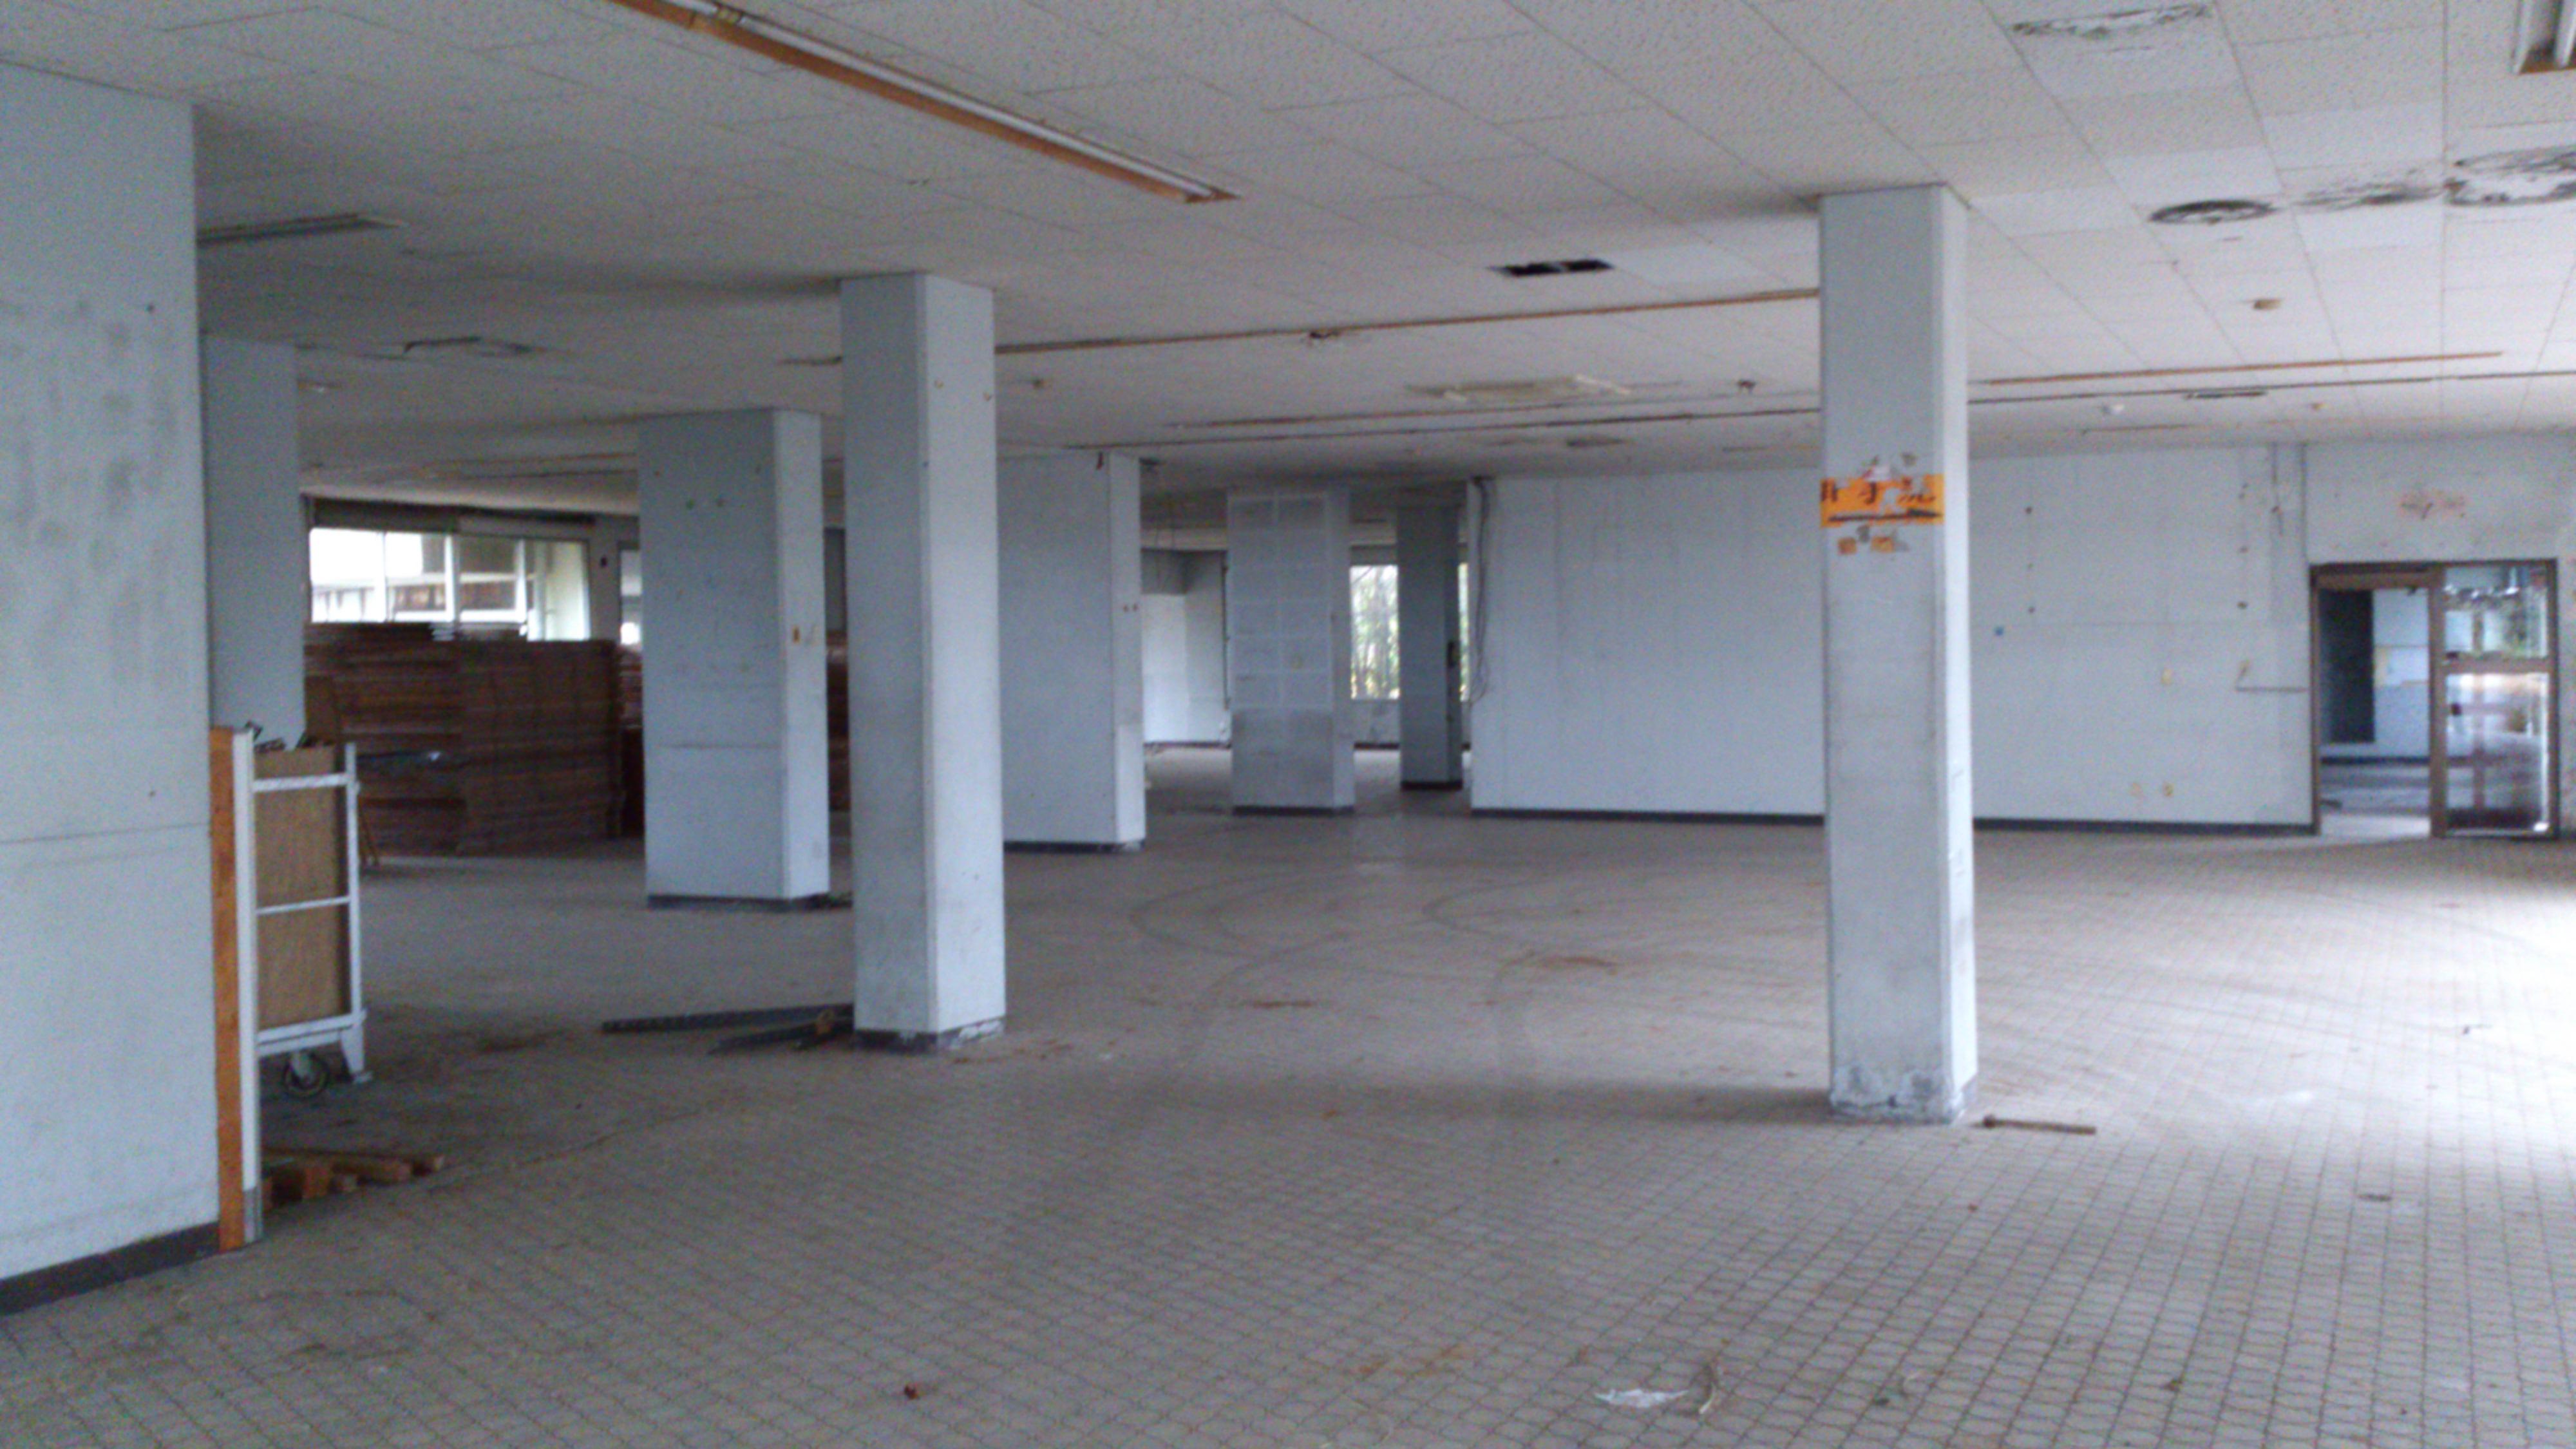 2012年12月。僕は種子島を一人で旅した:廃墟と化した種子島空港の内部